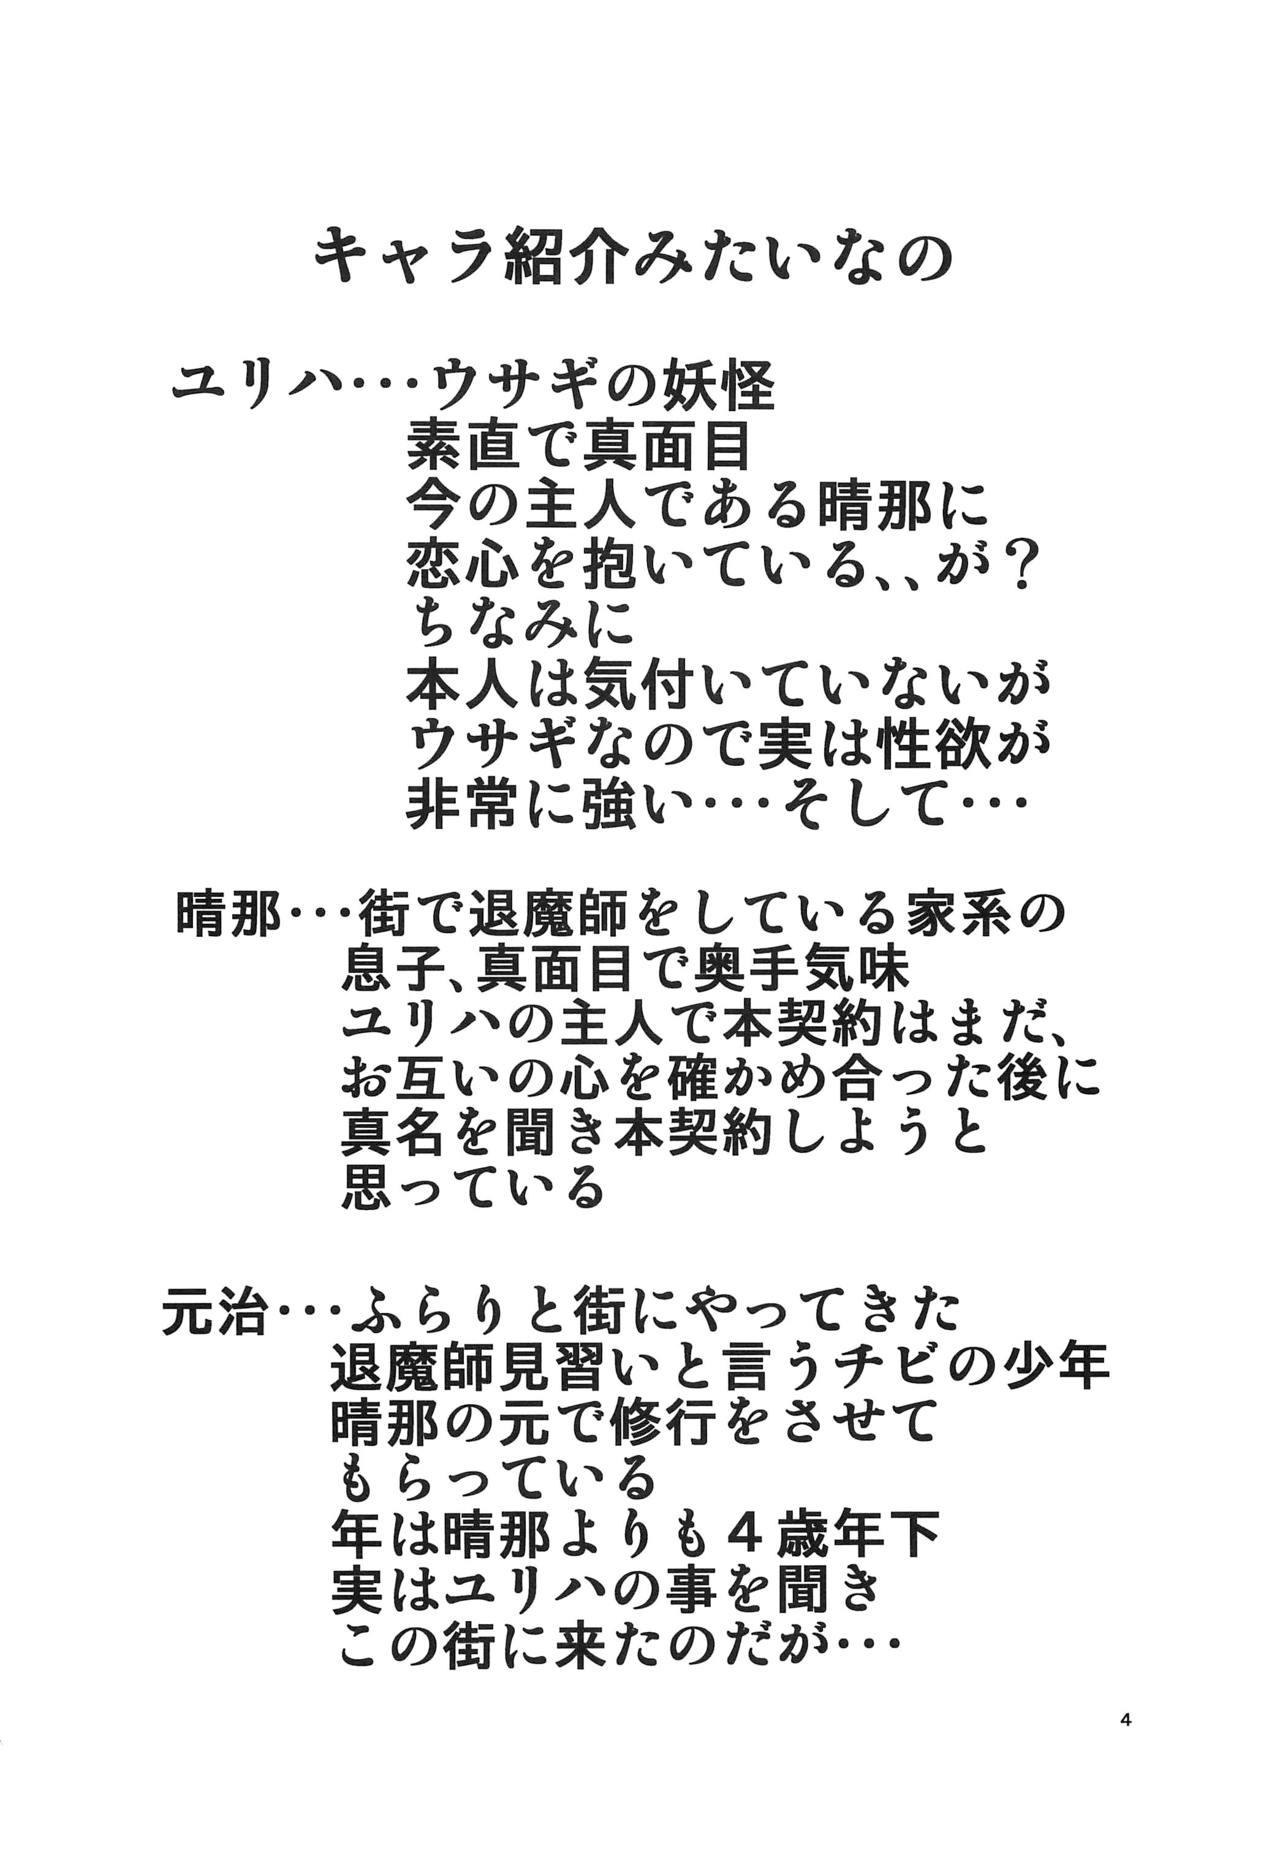 NTR Haramasare Ubawareta Aibou 2